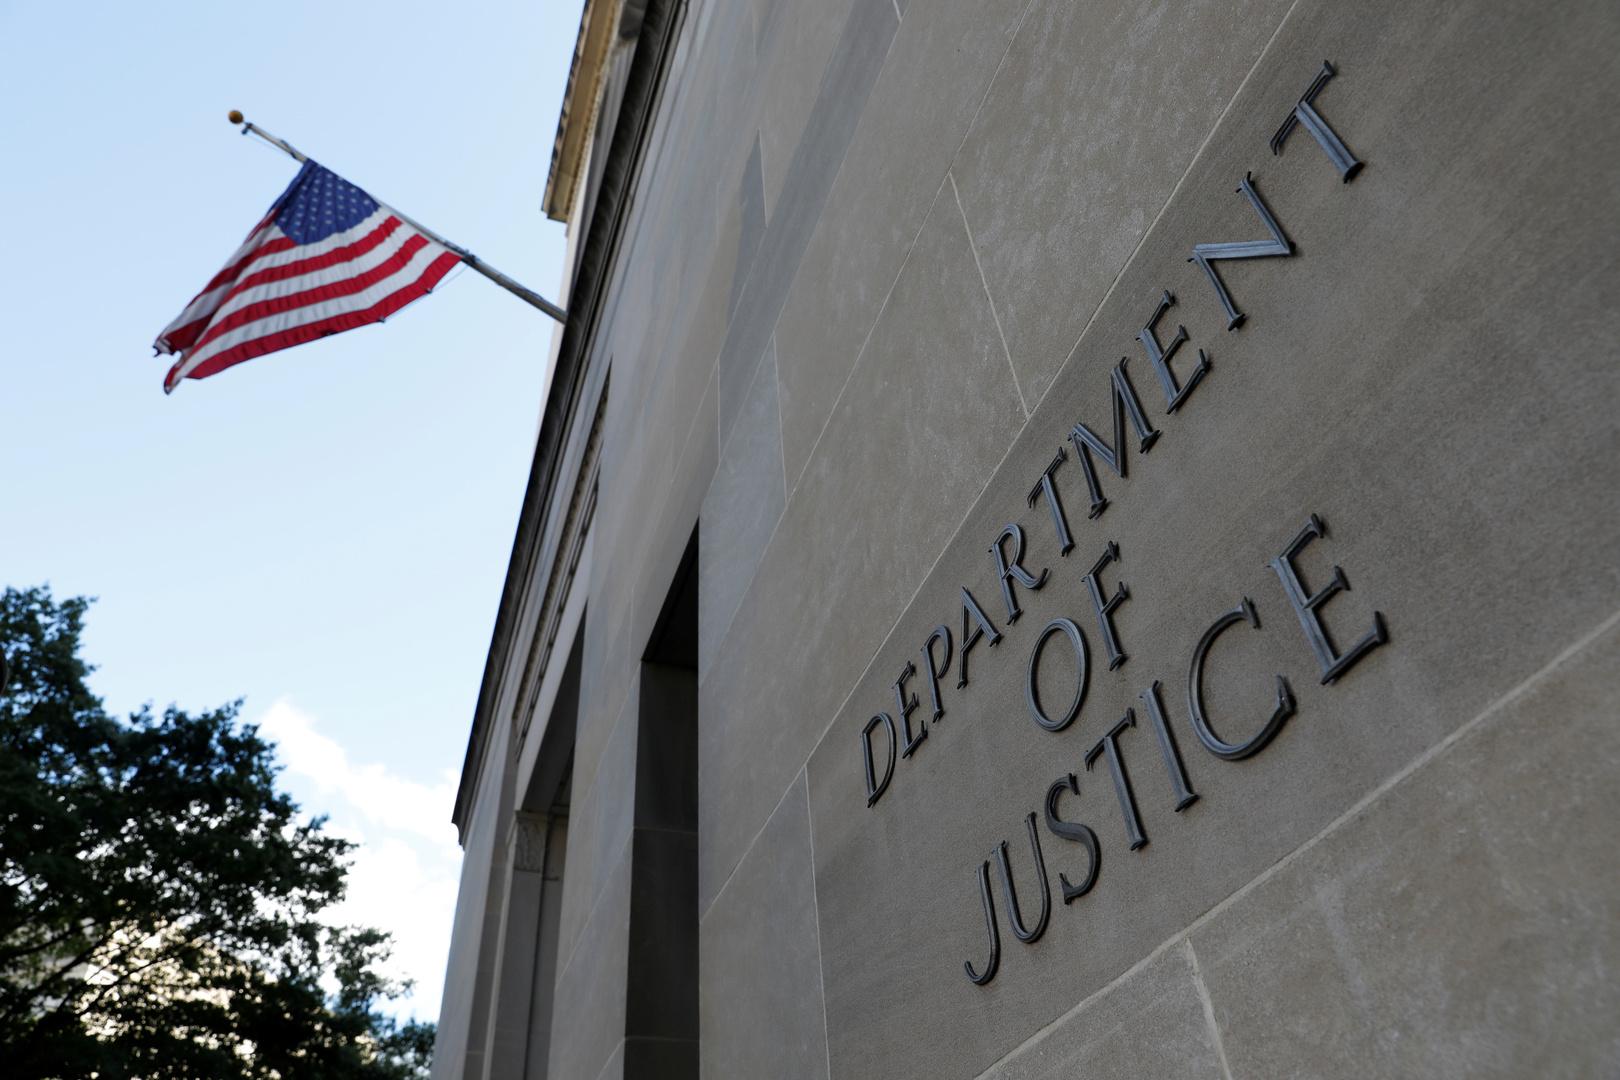 وزارة العدل الأميركية تتوقع توجيه اتهامات بـ